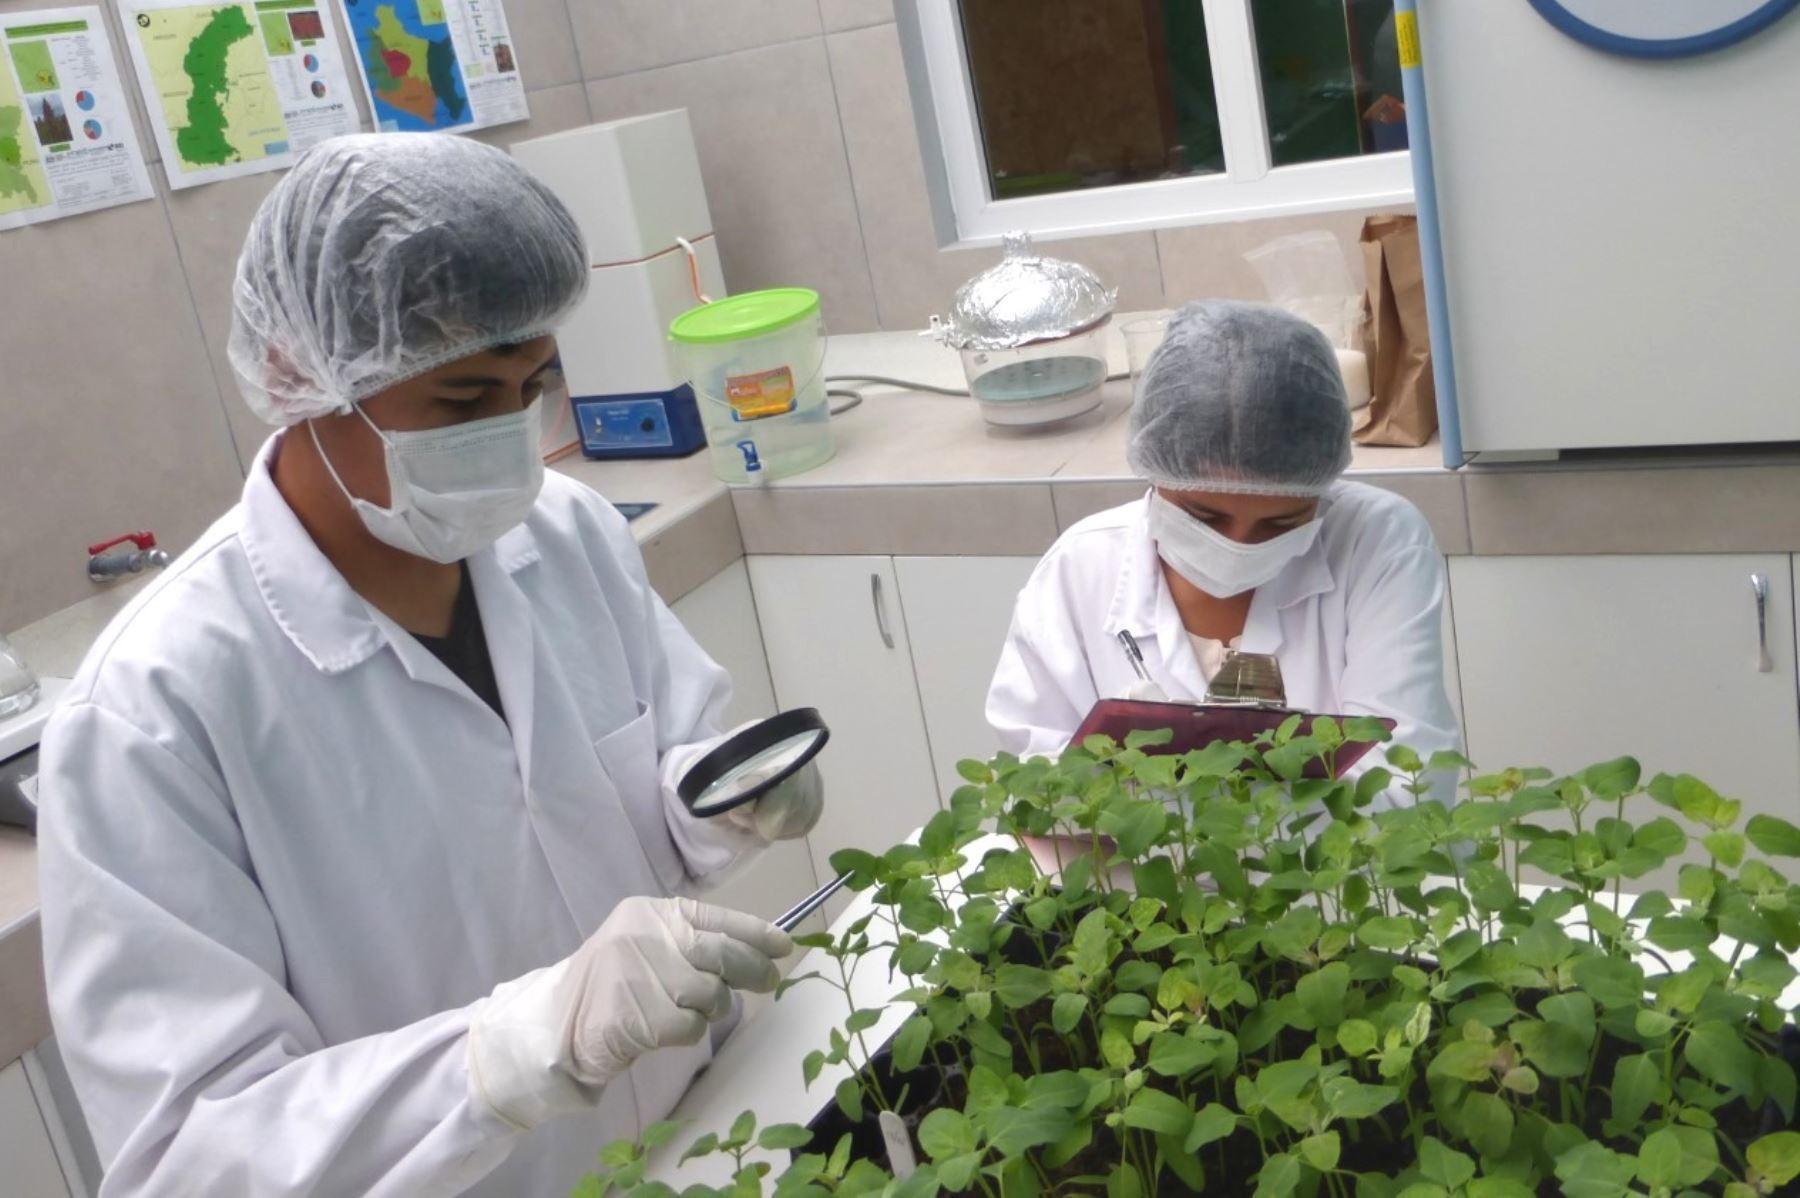 Investigadores peruanos podrán estudiar en la Academia Polaca de Ciencias, una de las instituciones científicas más prestigiosas del país, y del Instituto Internacional de Biología Molecular y Celular de Varsovia.